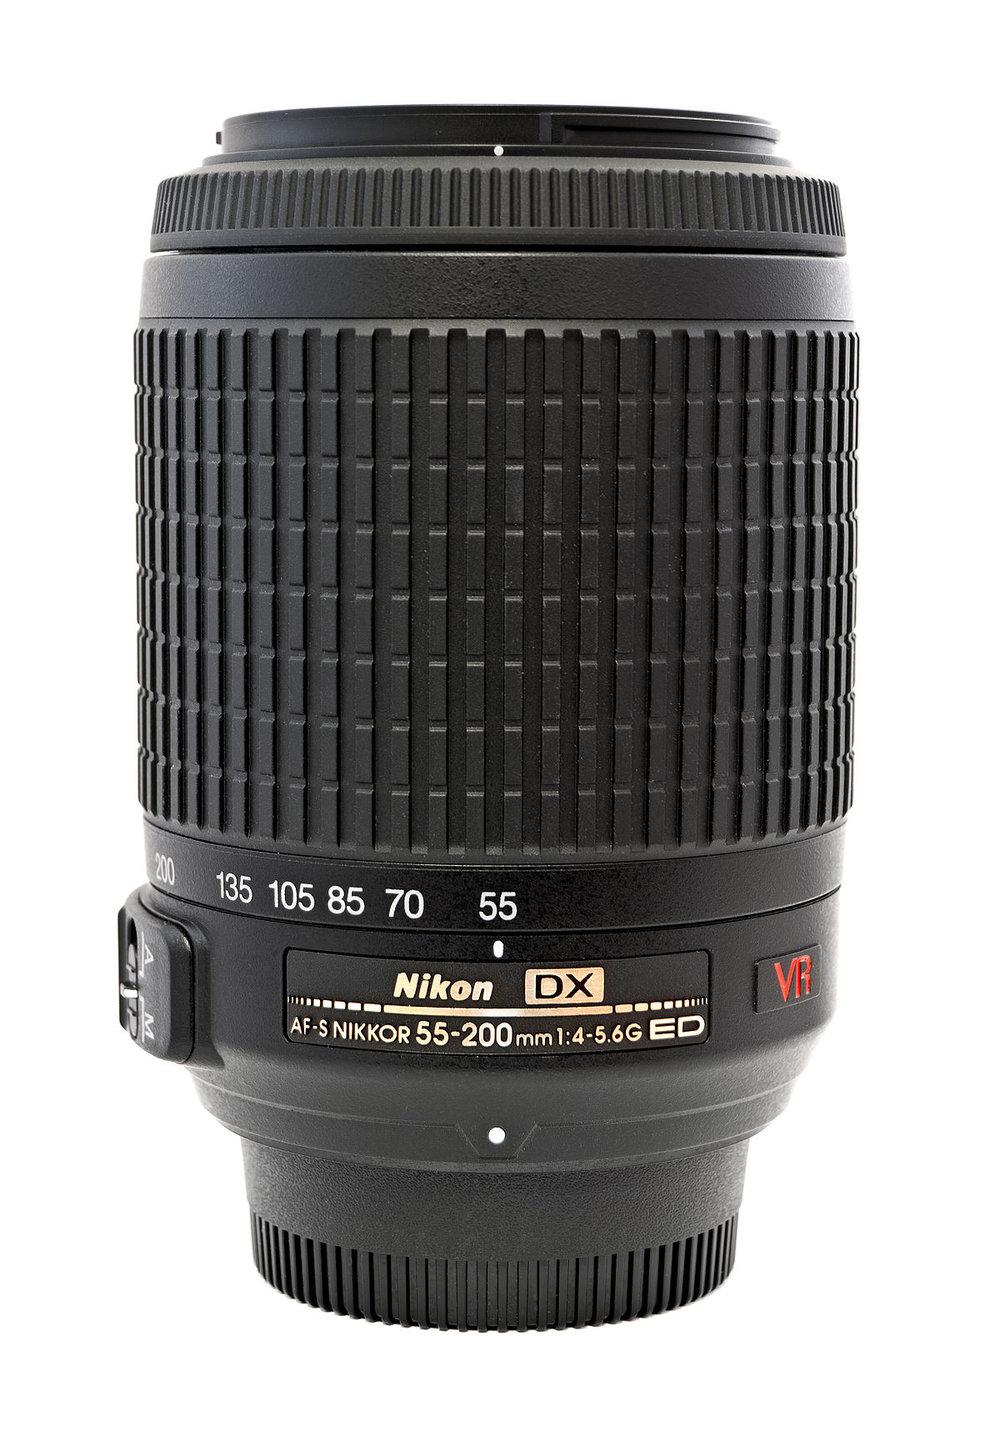 1200px-Nikon_DX_AF-S_55-200mm_VR.jpg